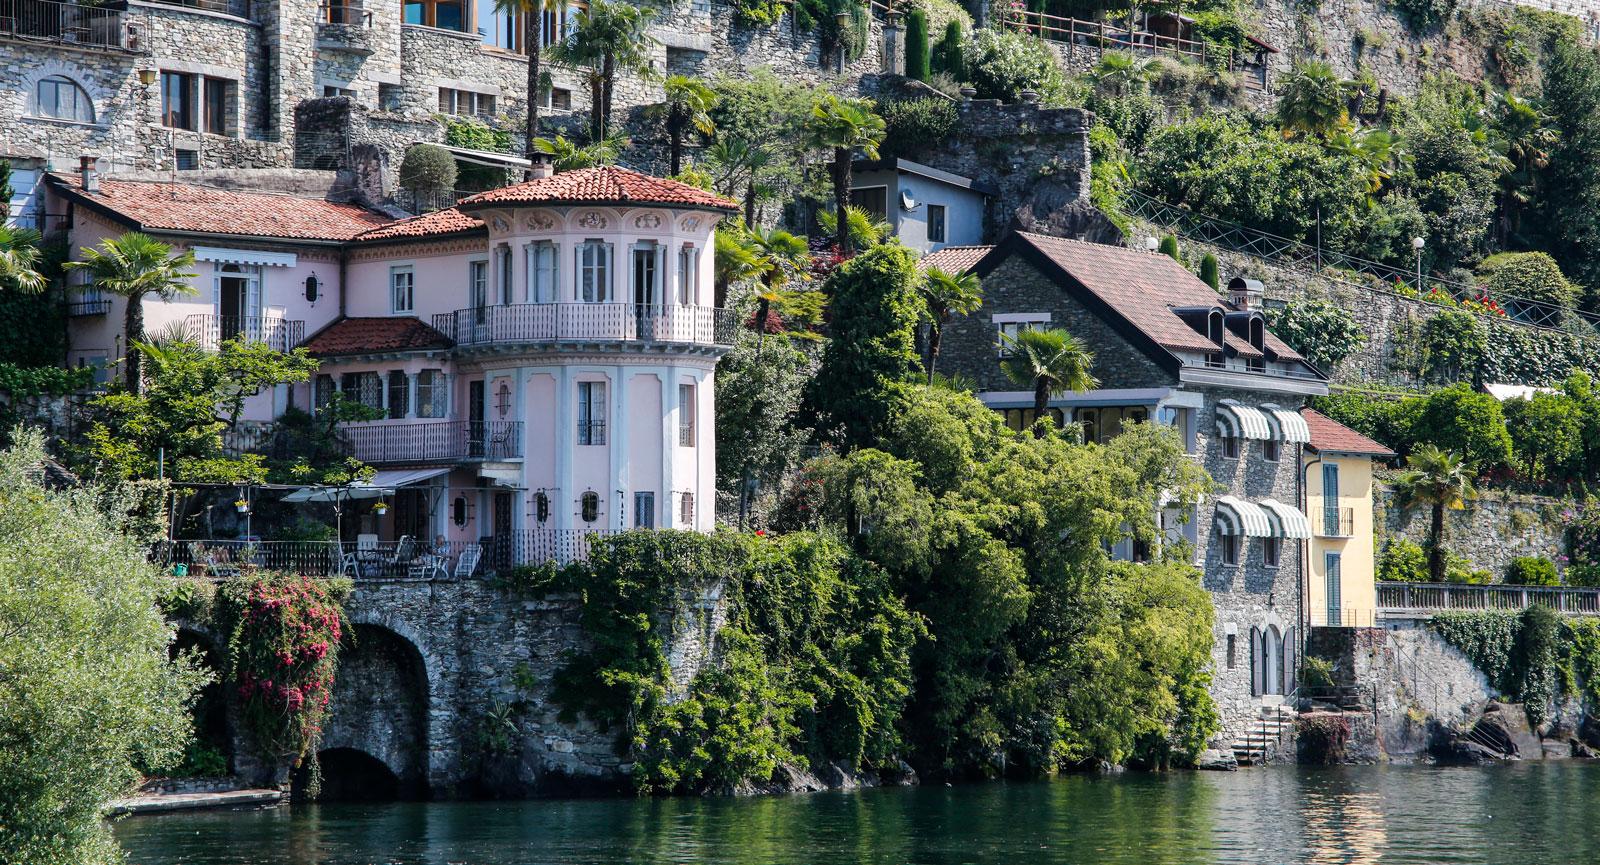 Fantastiska områden kring Cannero, Lago Maggiore.